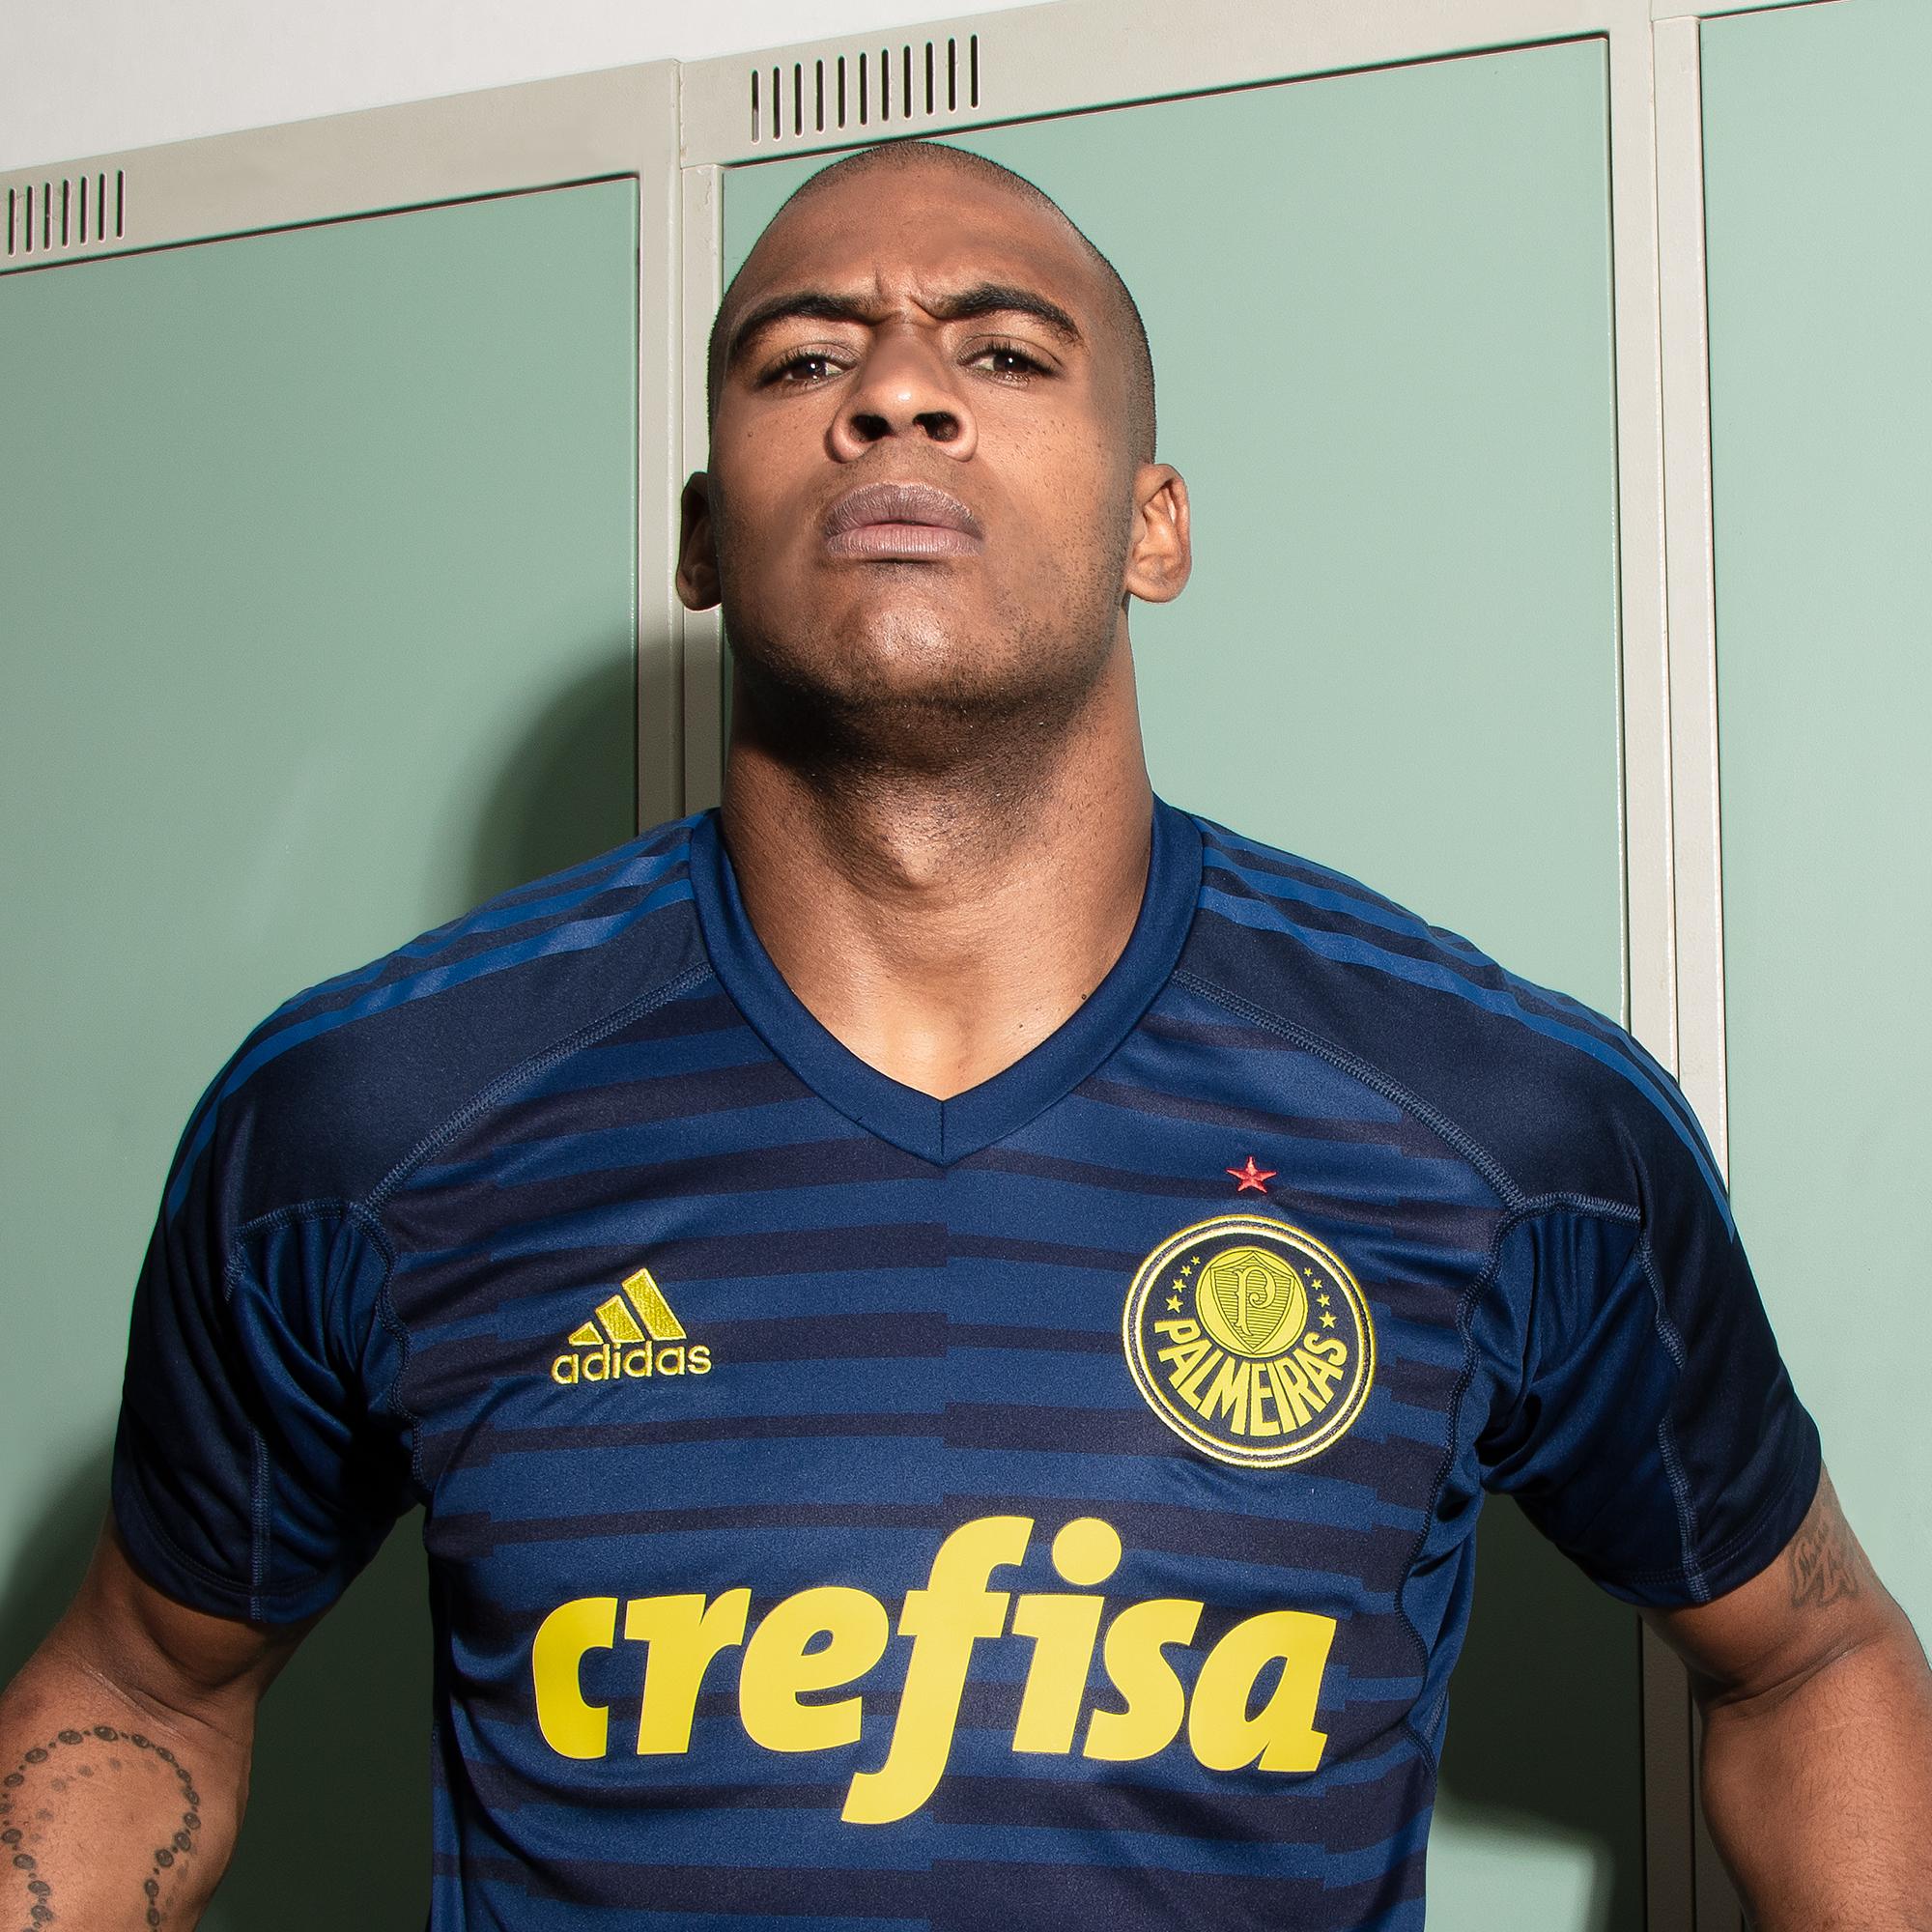 O Palmeiras e a Adidas apresentaram nesta quinta-feira a nova camisa de  goleiro do time para 2018. O uniforme chega na cor azul a11b60a44016e